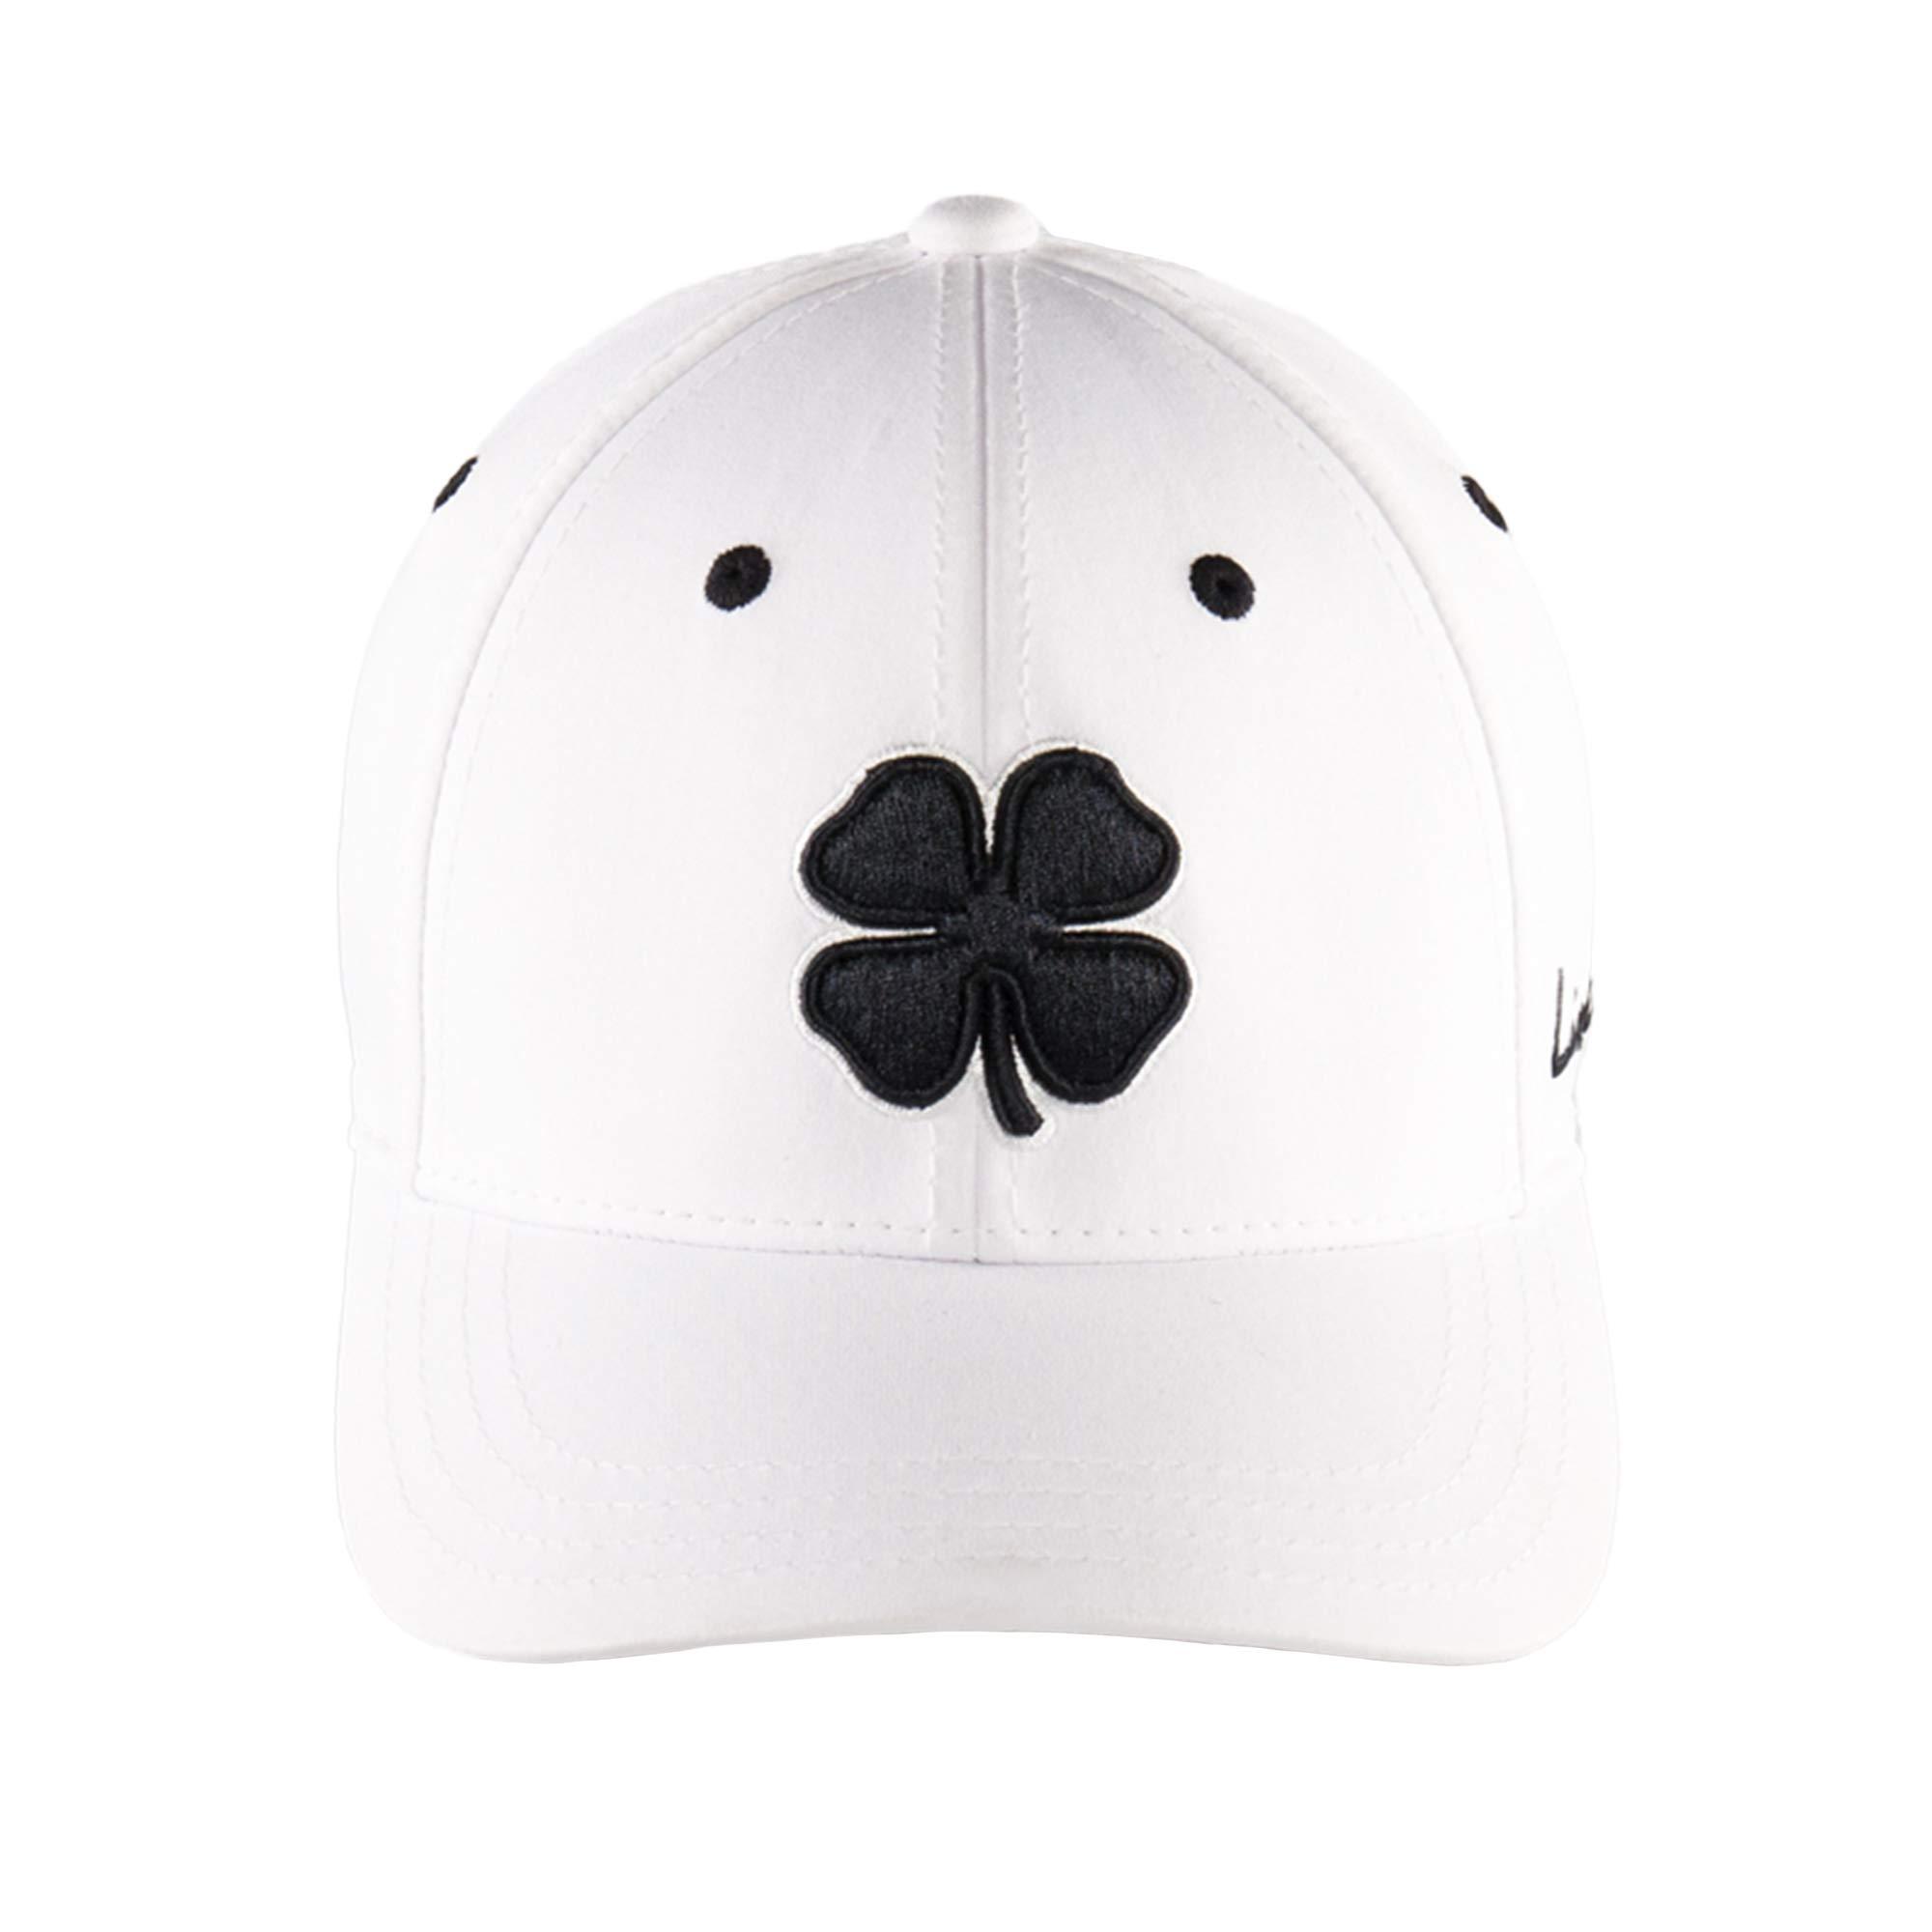 Black Clover Premium Clover Flex Cap